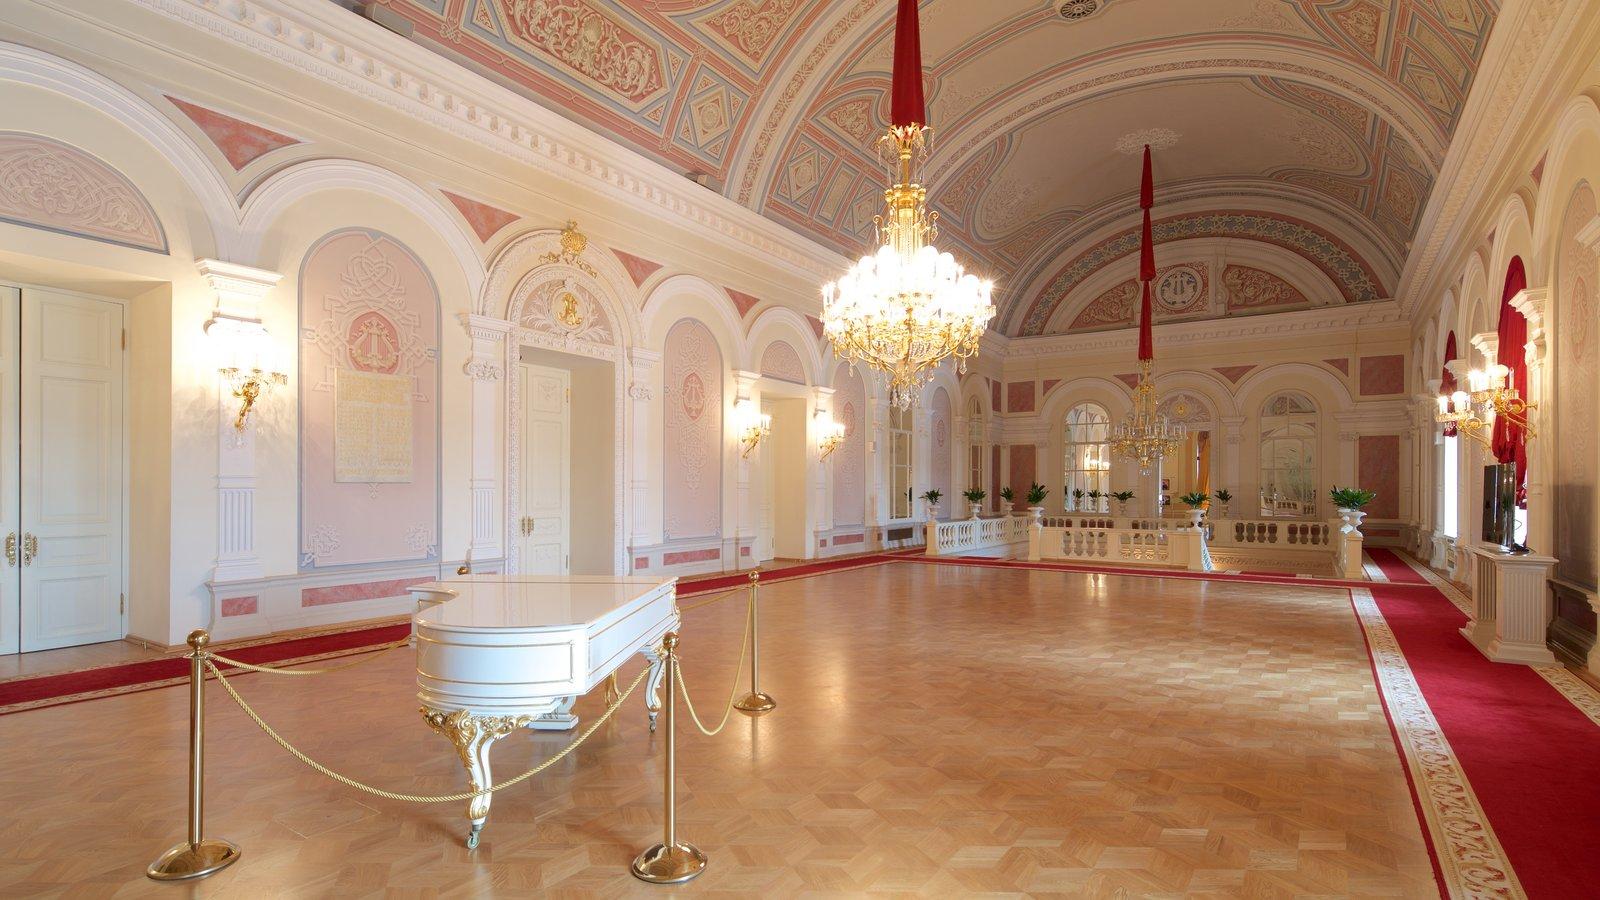 Teatro Bolshoi que inclui vistas internas e arquitetura de patrimônio